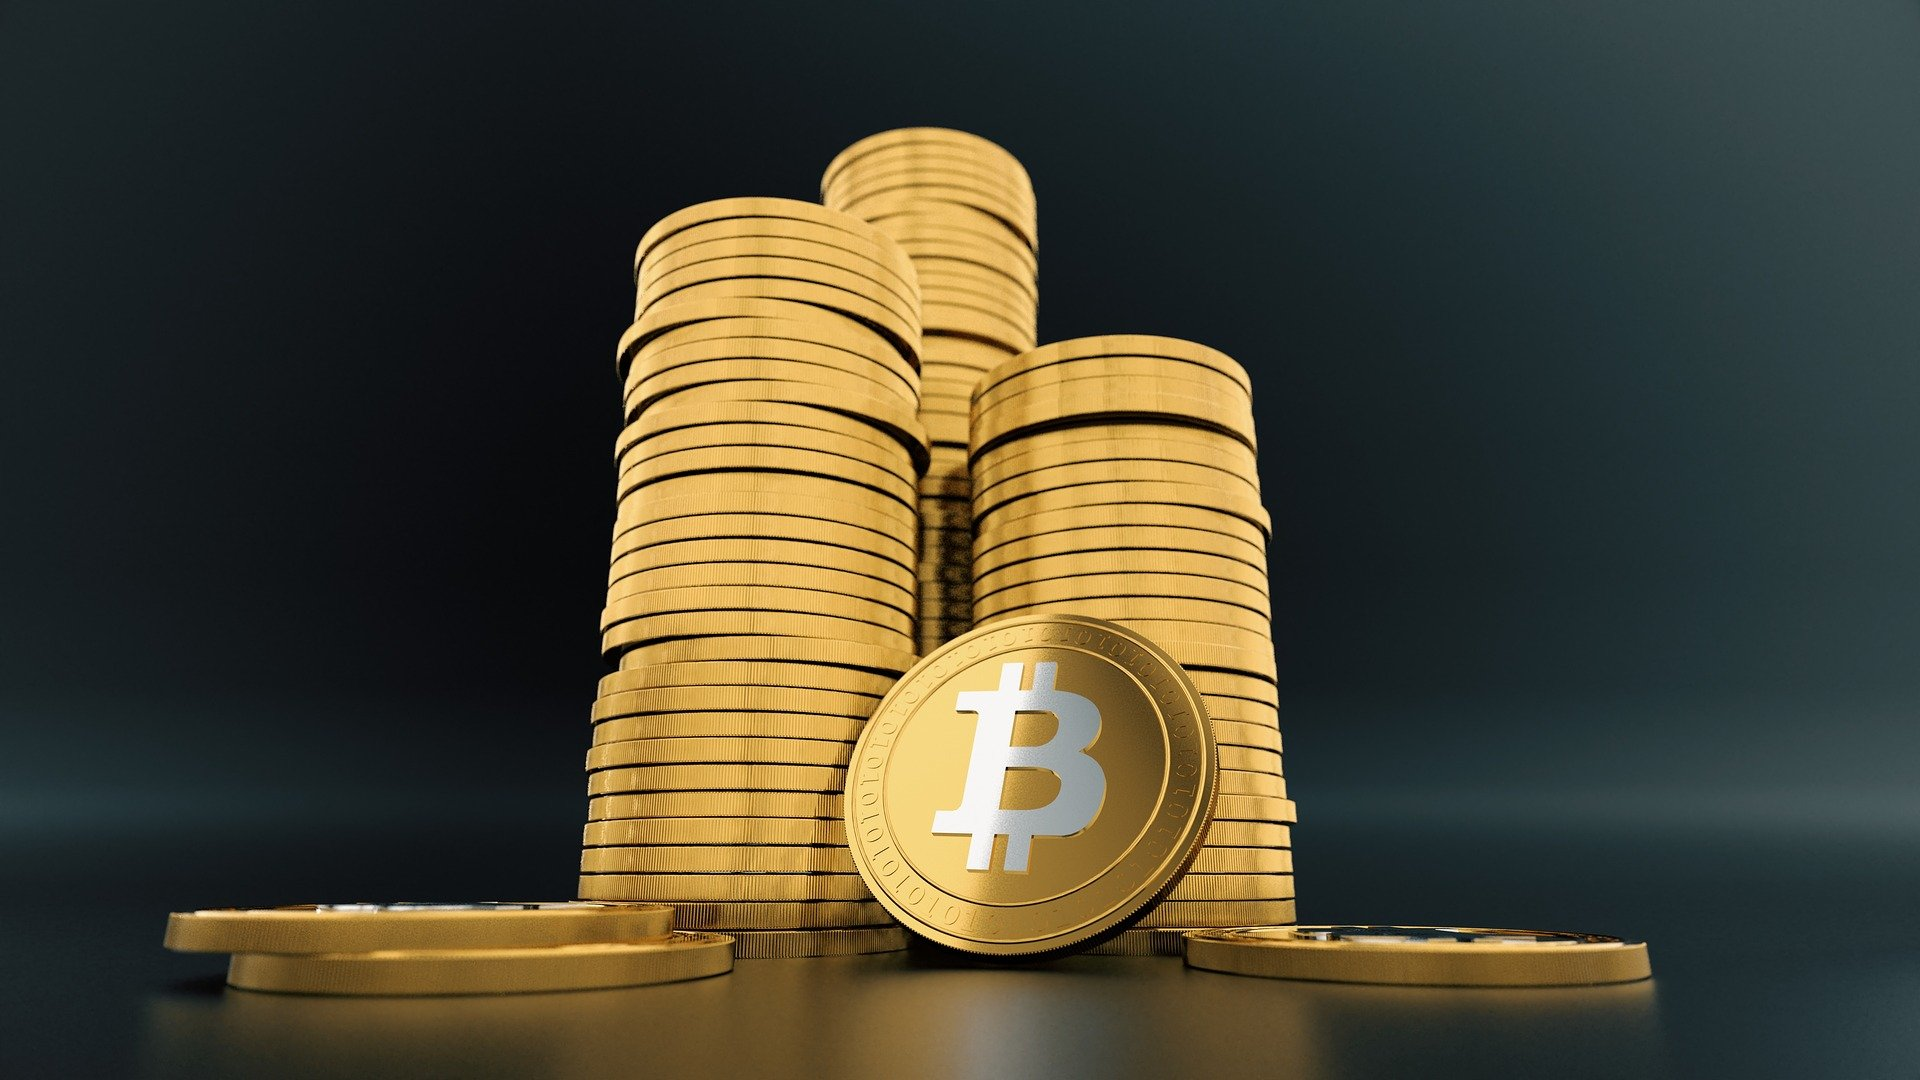 The Motley Fool инвестирует в биткоин